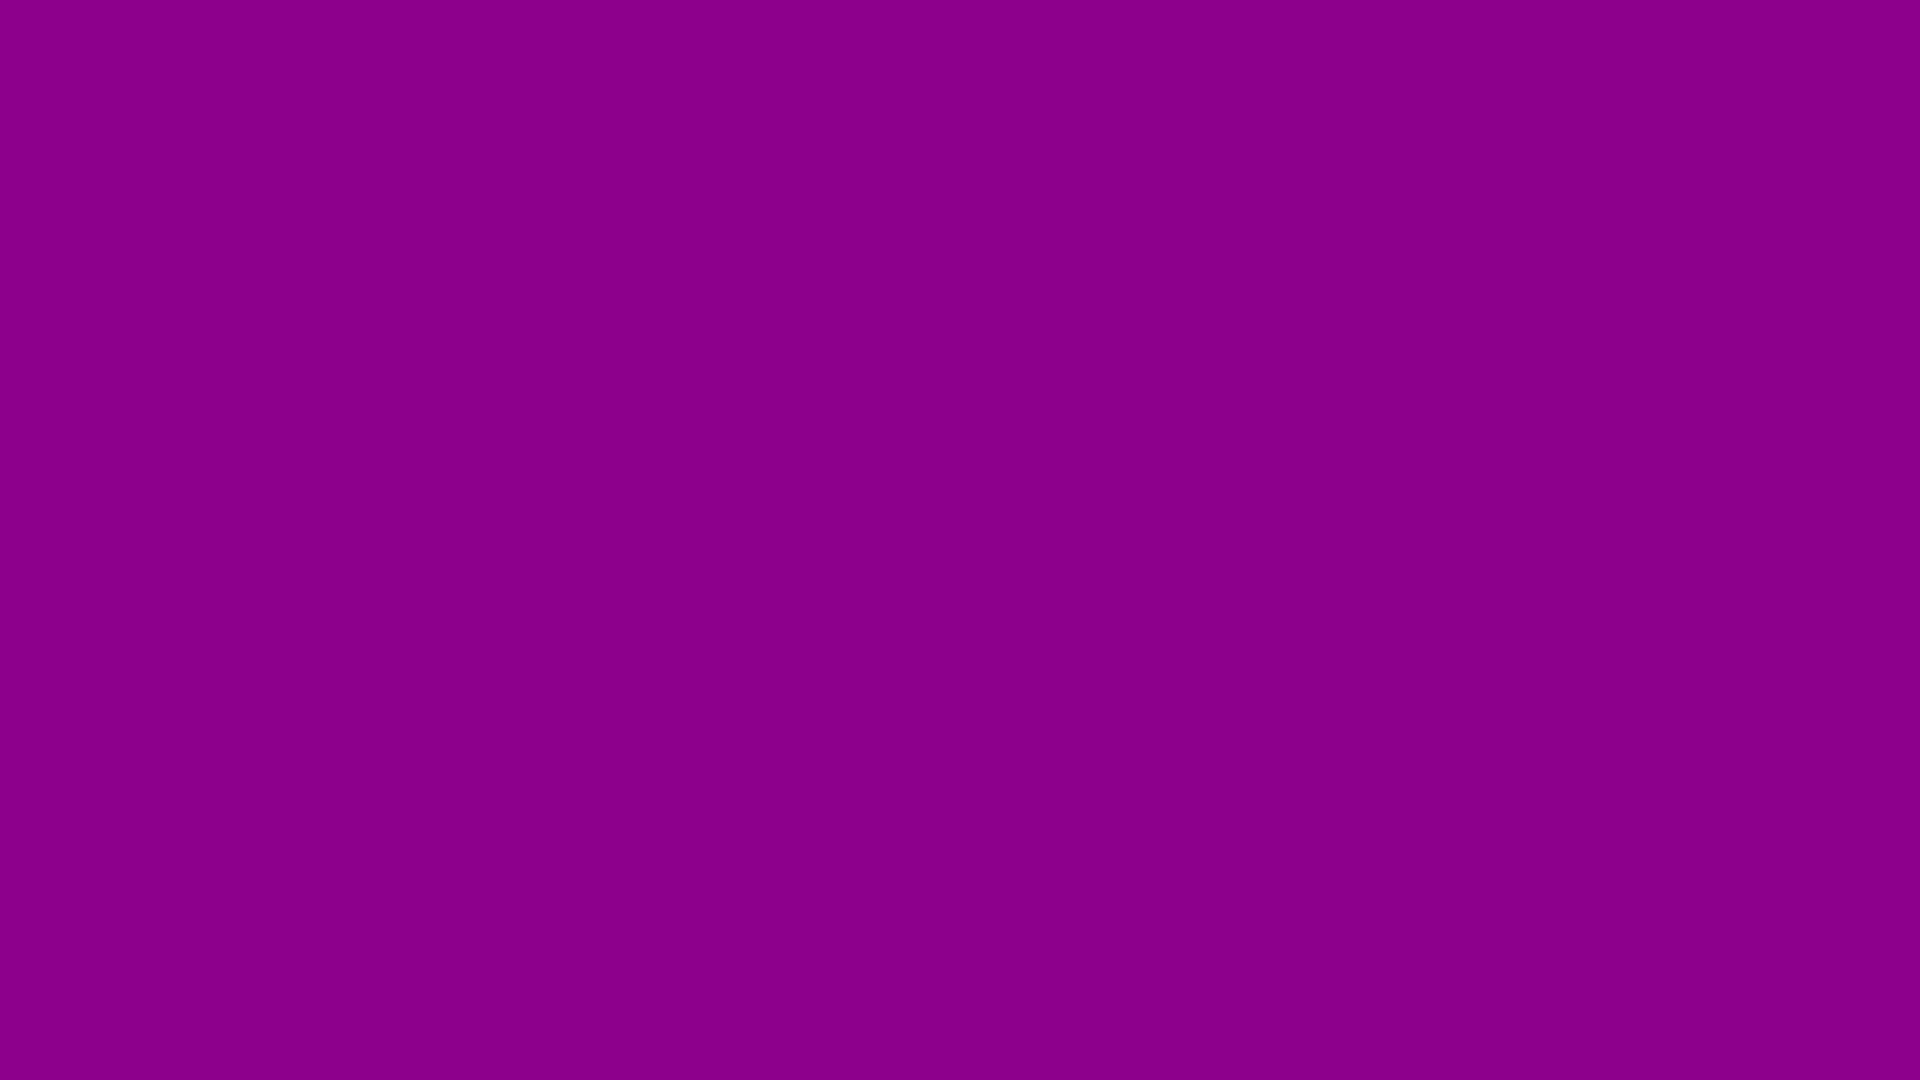 1920x1080 Dark Magenta Solid Color Background